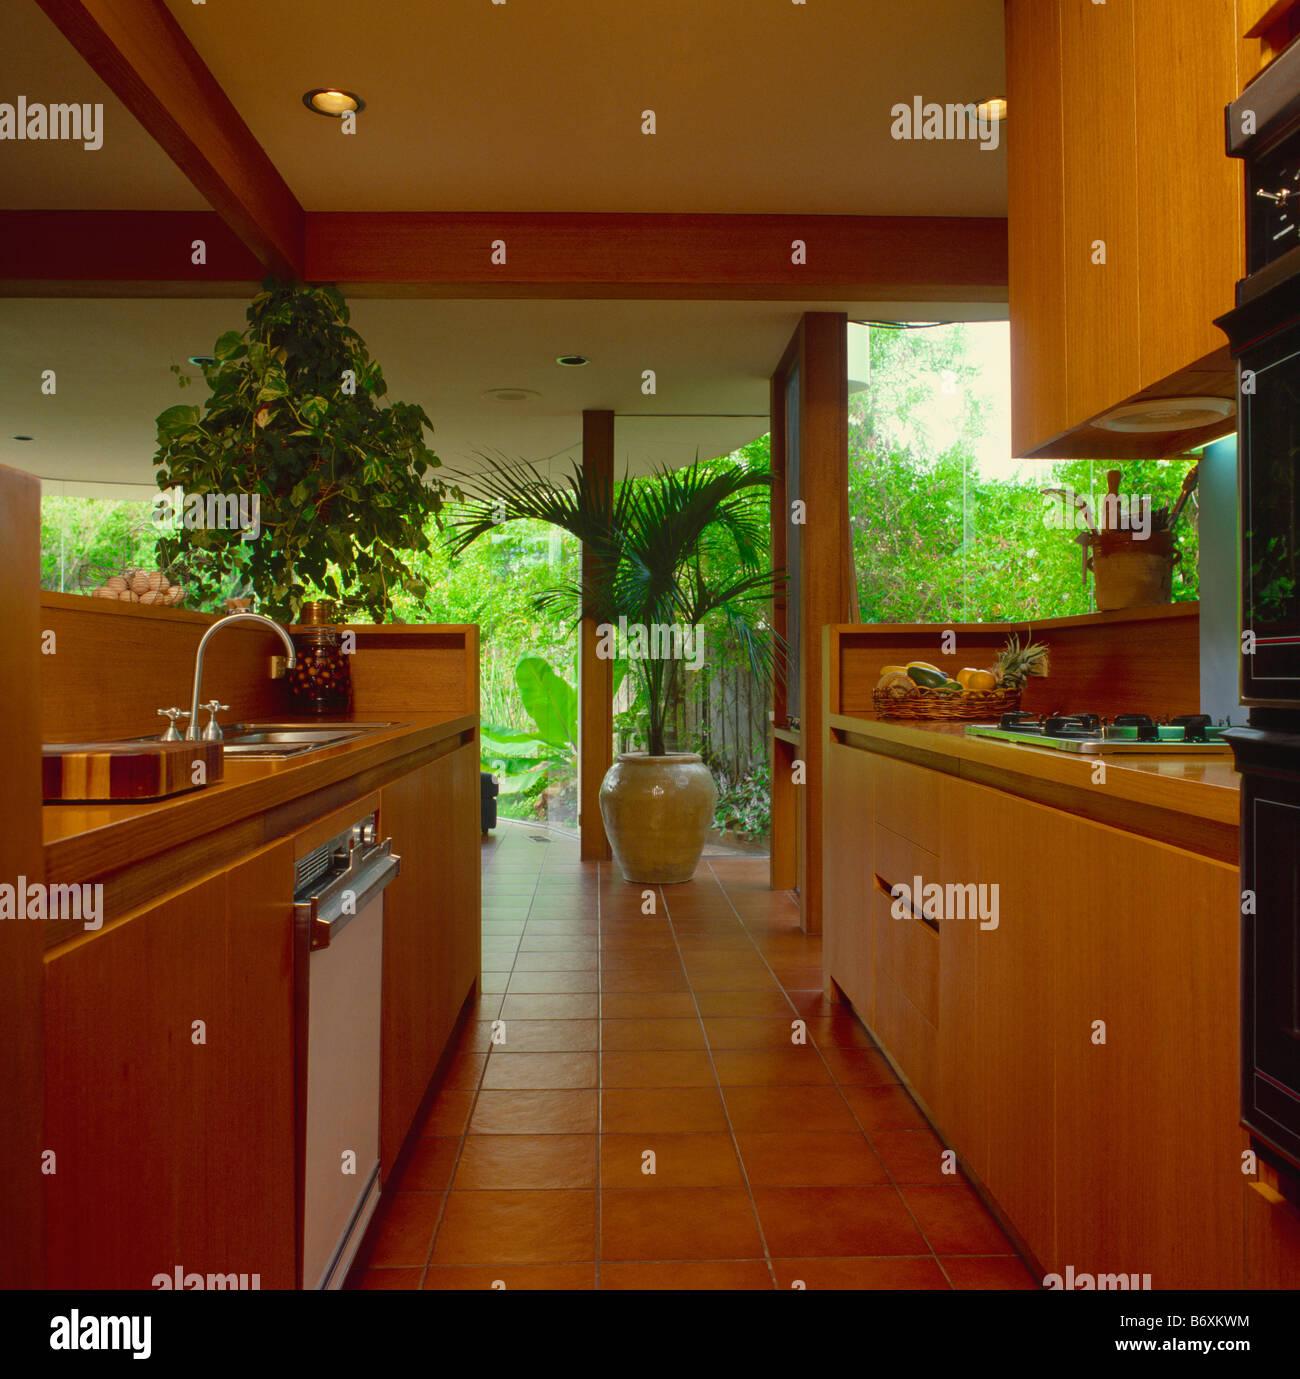 Offene Kuche Mit Zimmerpflanzen Aus Holz Einheiten Und Bodenbelag